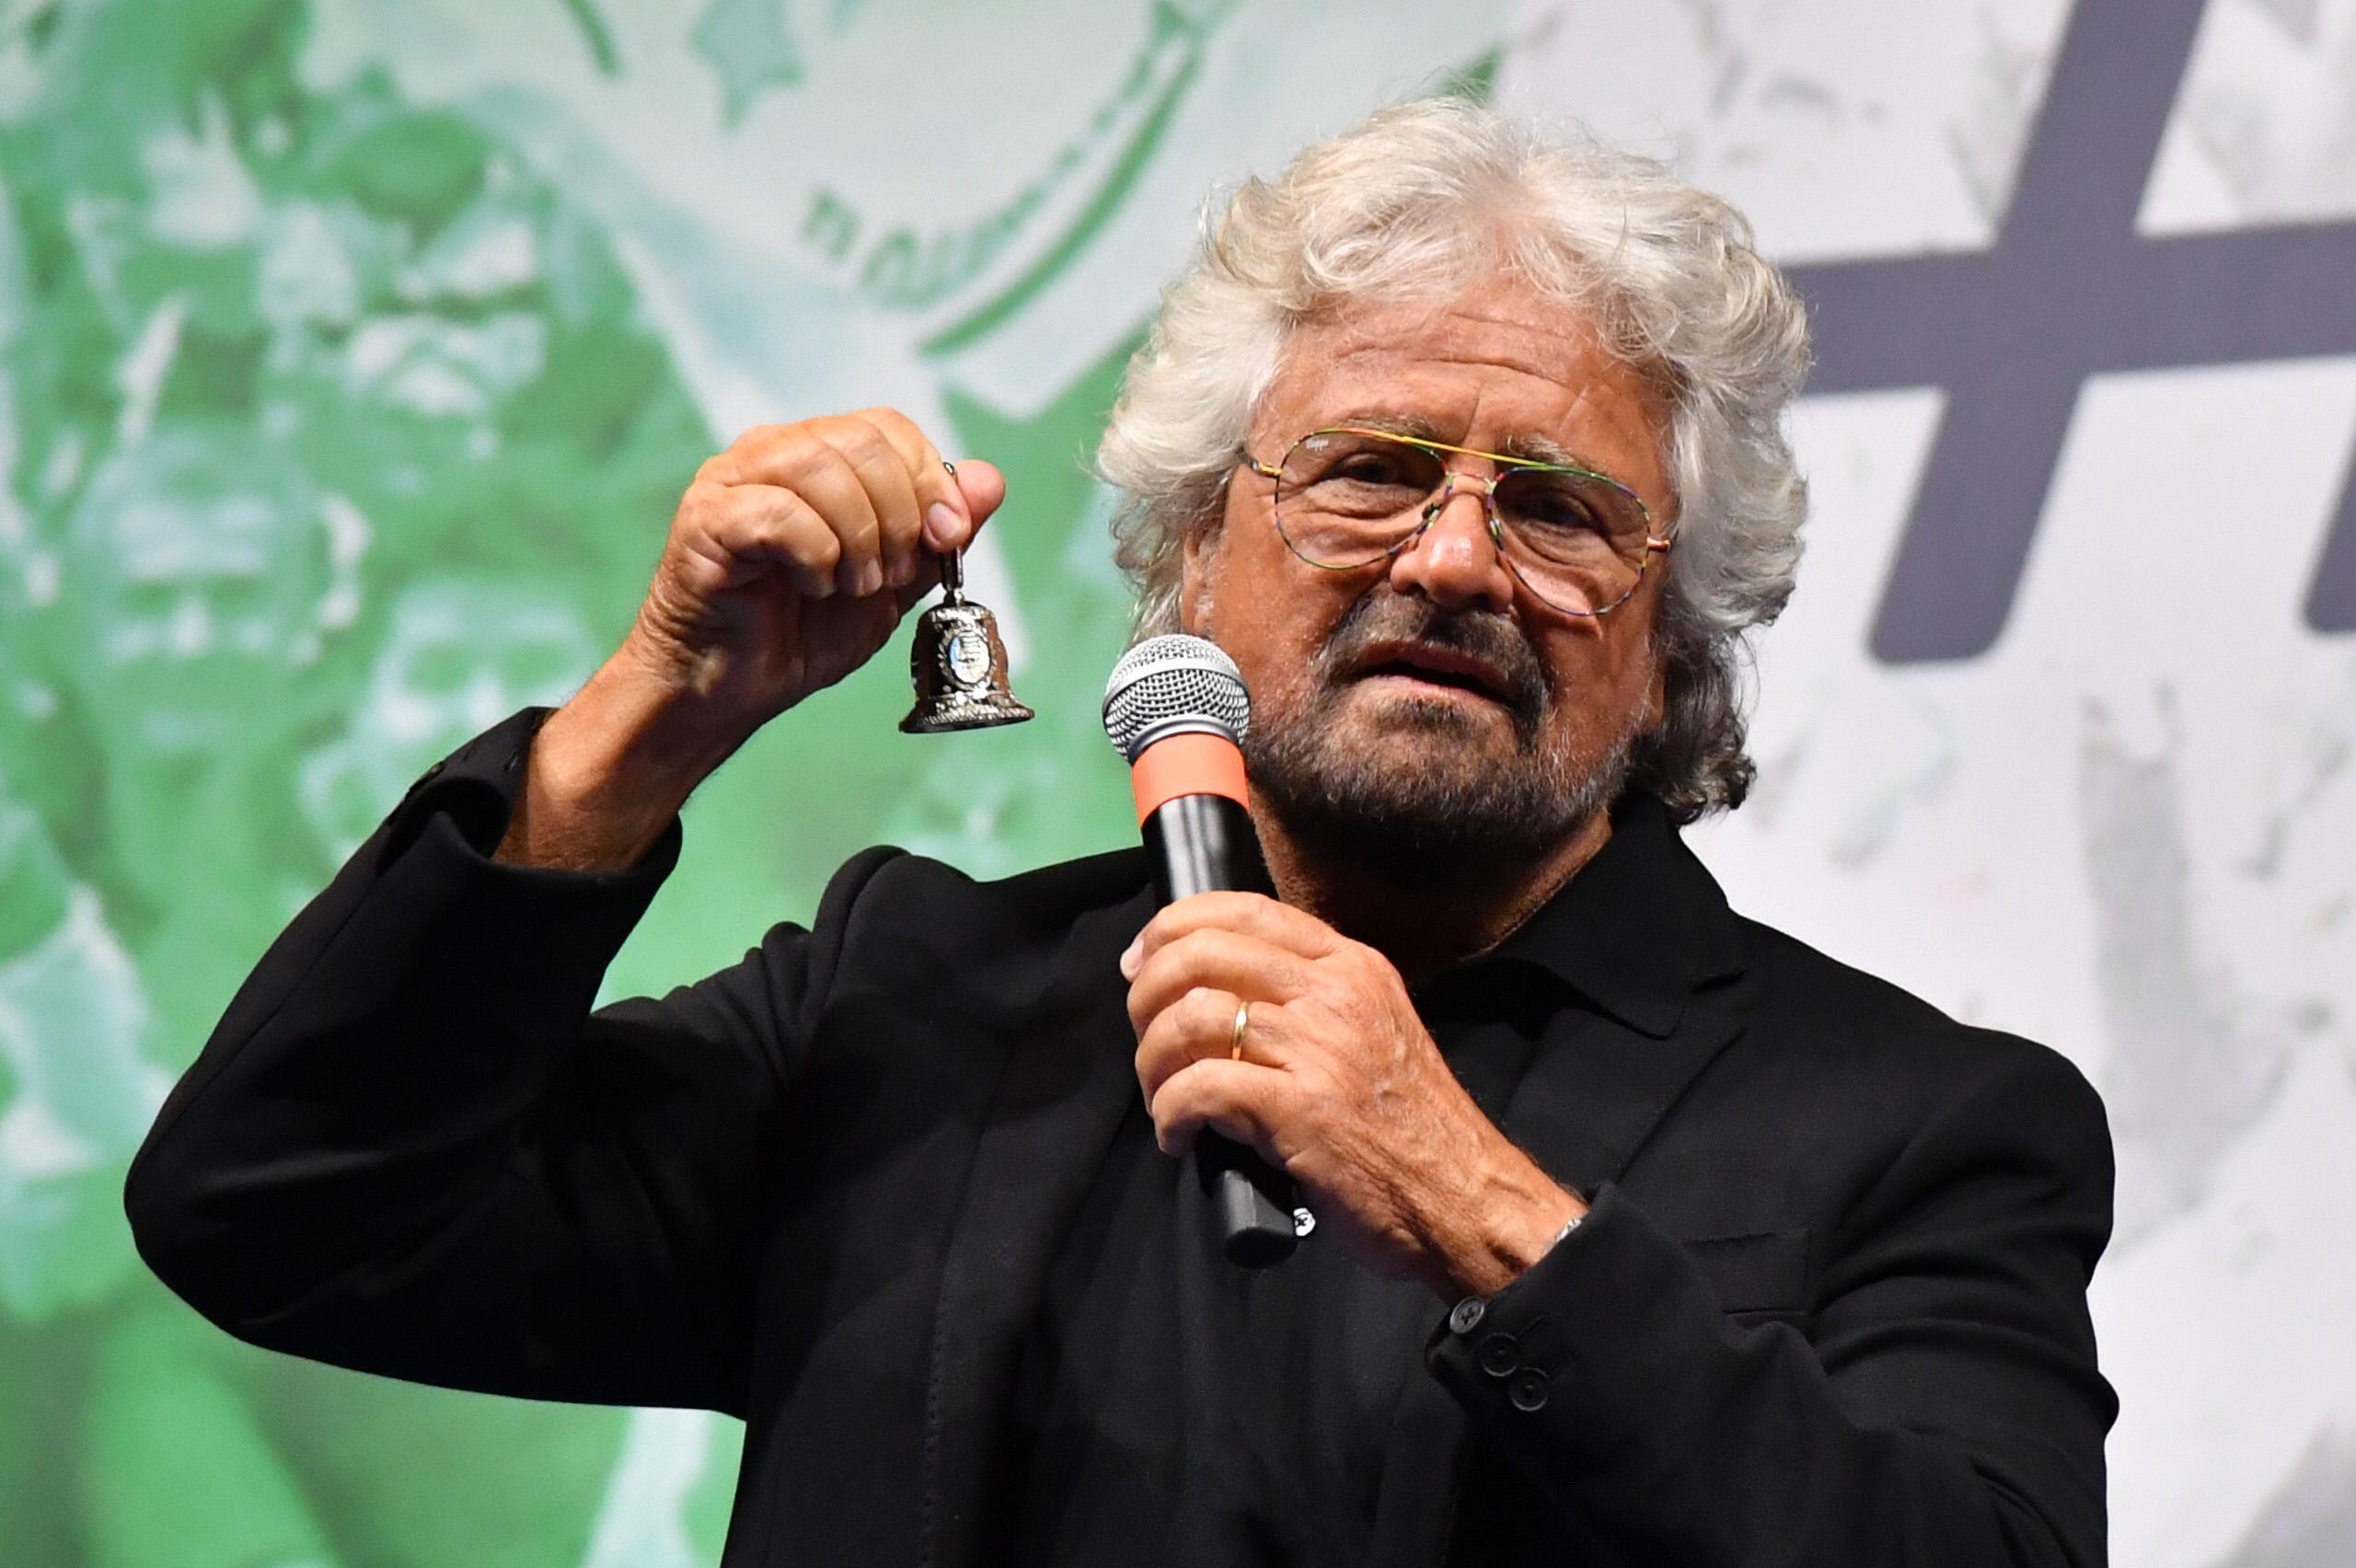 'Sorteggiamo chi va in Parlamento': Beppe Grillo critica il sistema delle elezioni e lancia la sua proposta